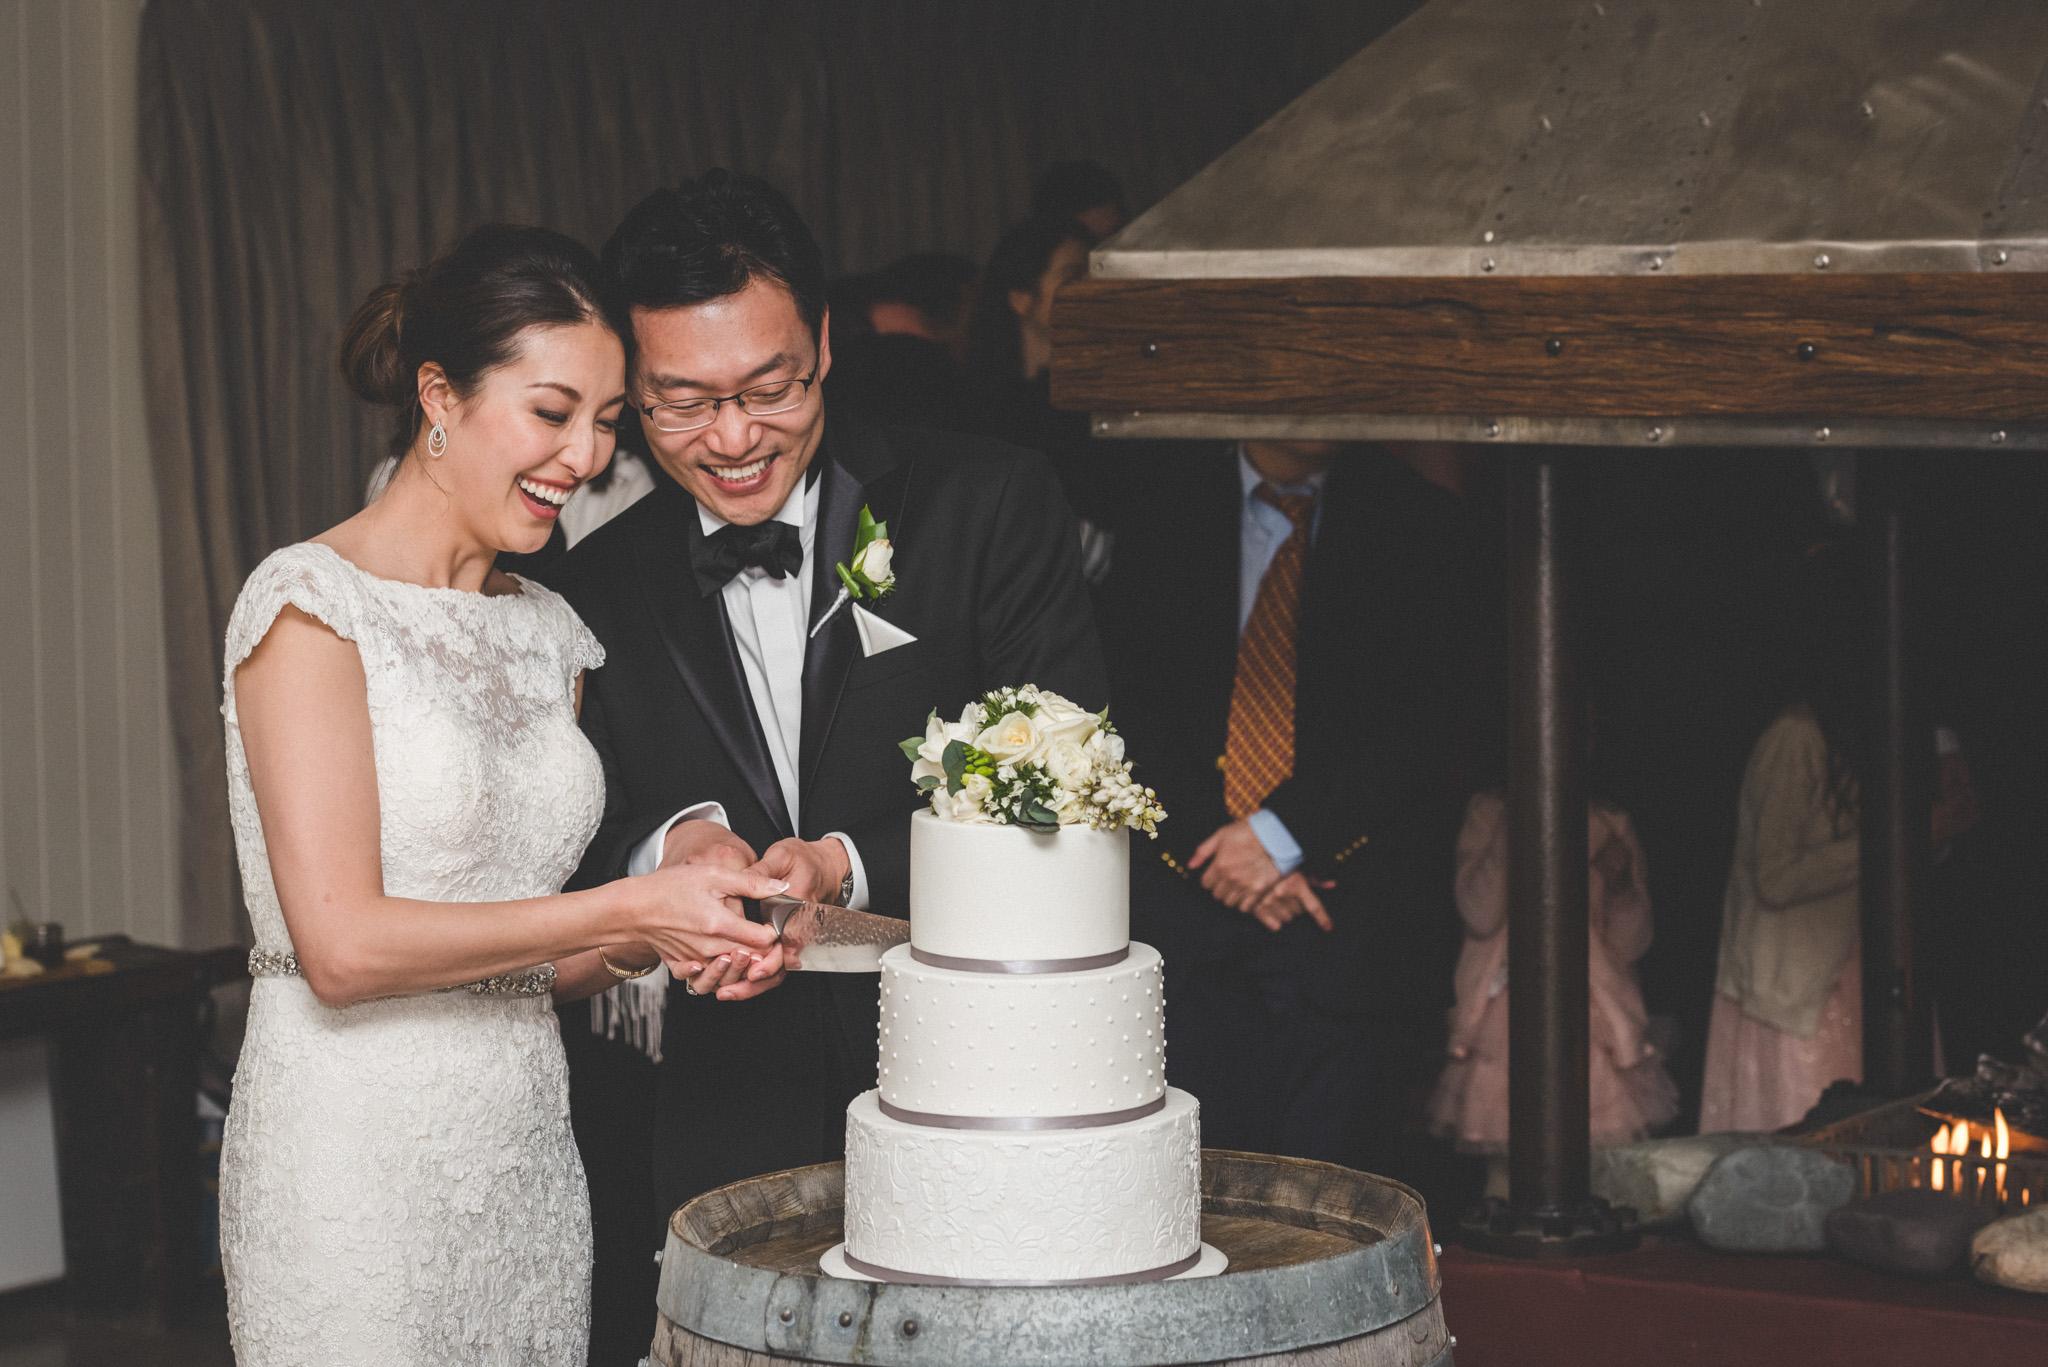 wedding cake at Mount Soho